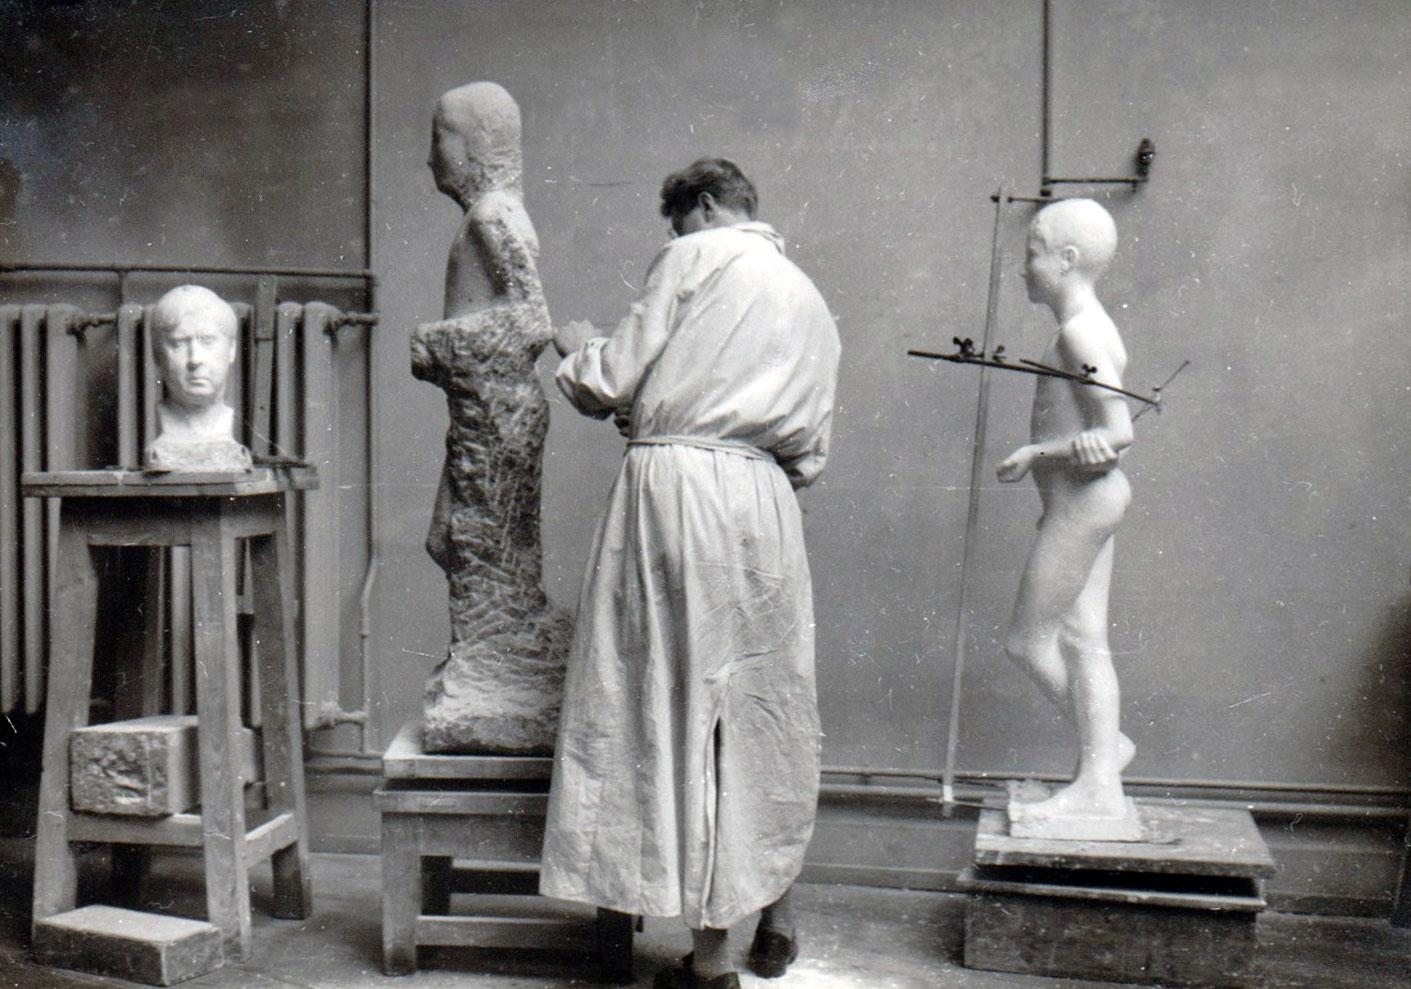 Atelier Städelschule Frankfurt • 1933/34 • Arbeit an der Knabenfigur, die später vom Jugendfreund Fritz Hohmann erworben und aufgestellt wurde